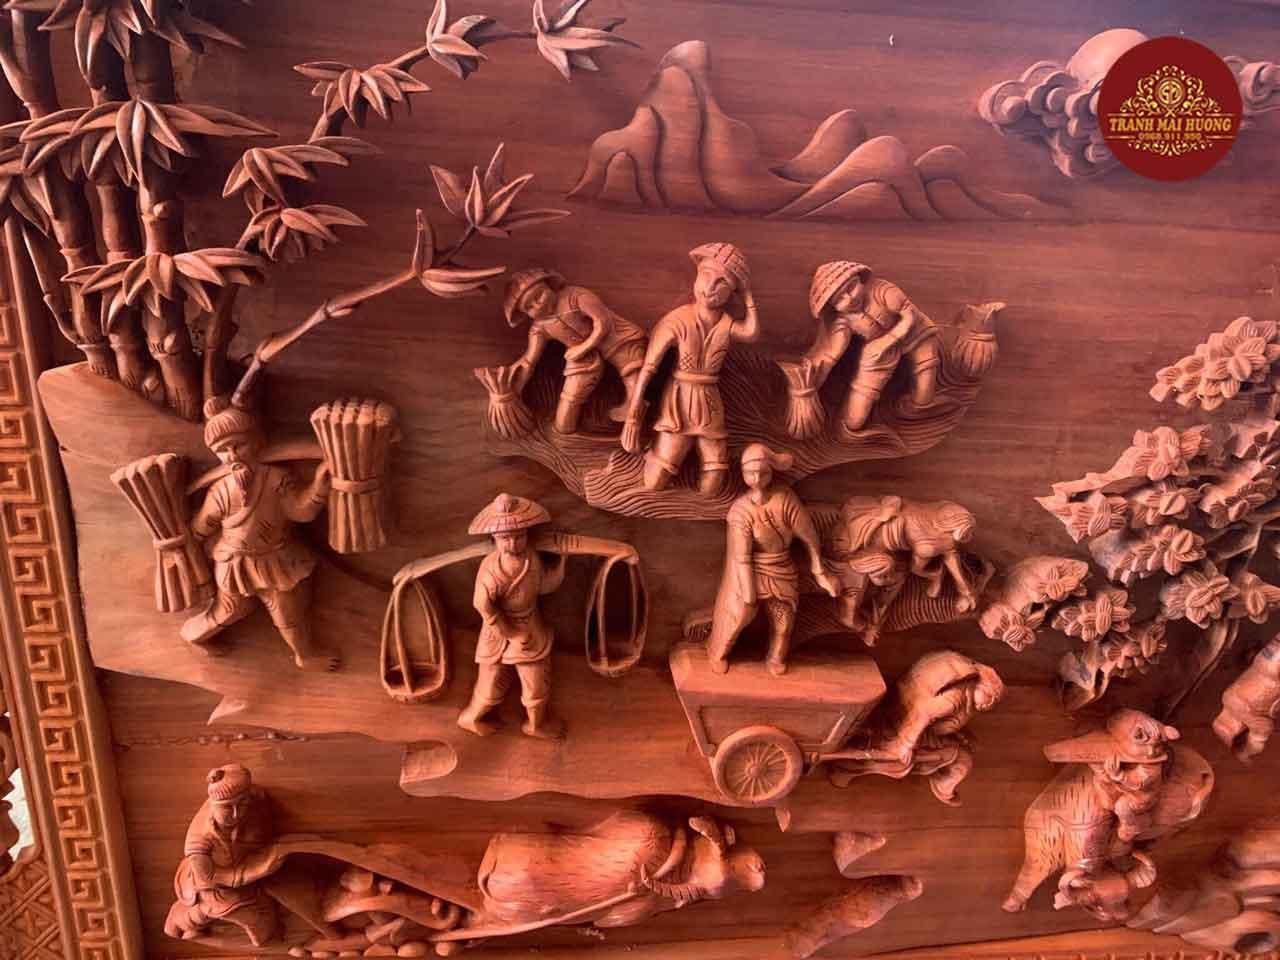 Tranh gỗ đồng quê đục tay kênh bong mẫu mới. KT: 237x117x8